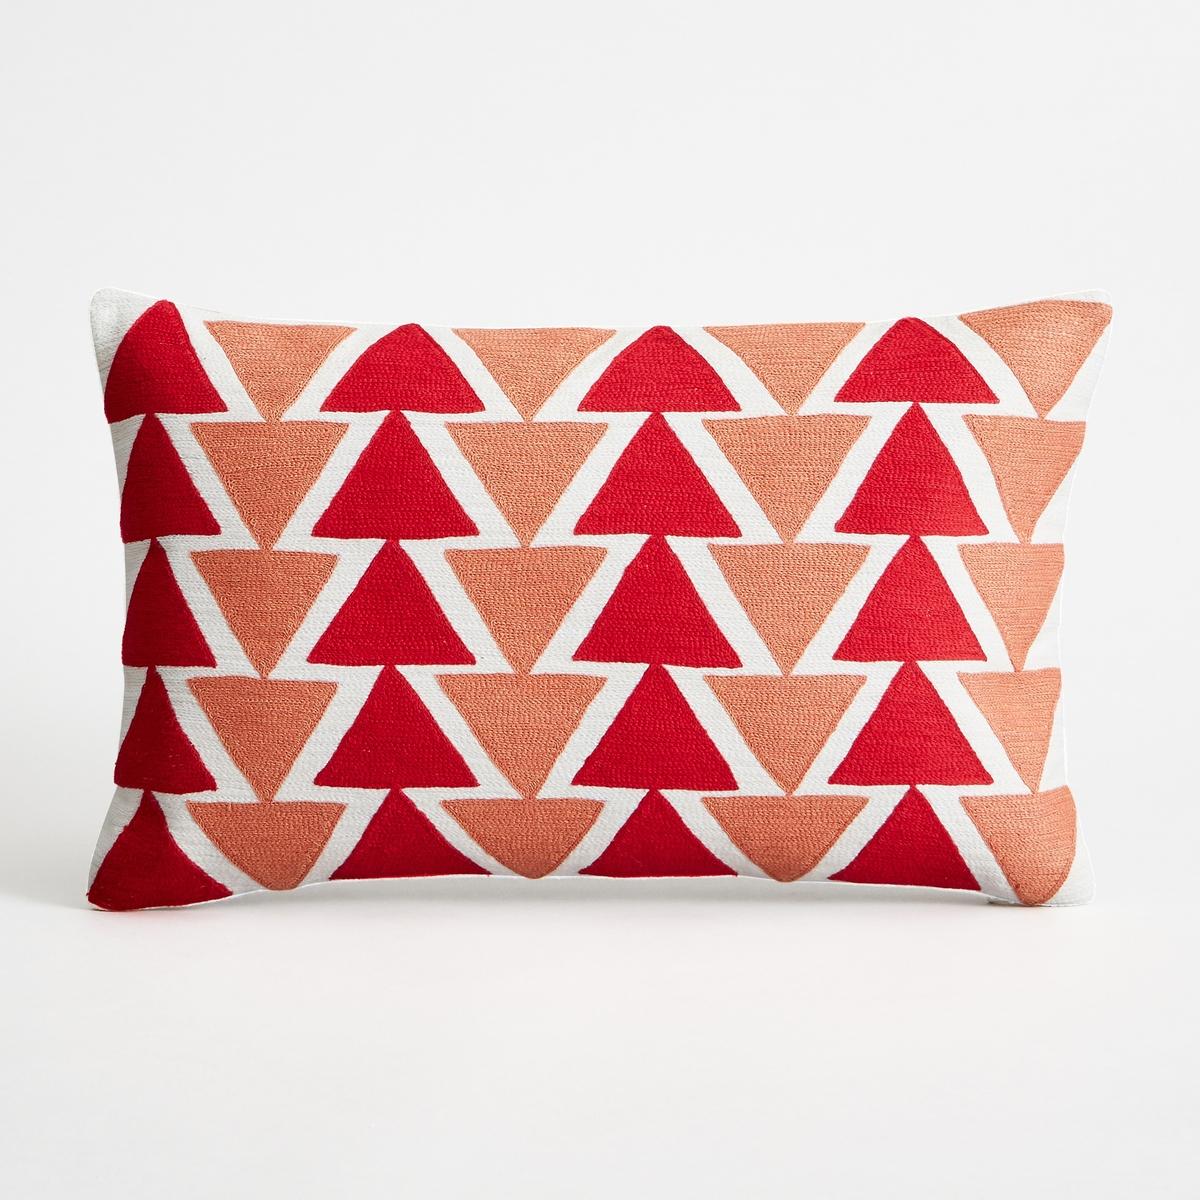 Наволочка на подушку-валик Triangolo